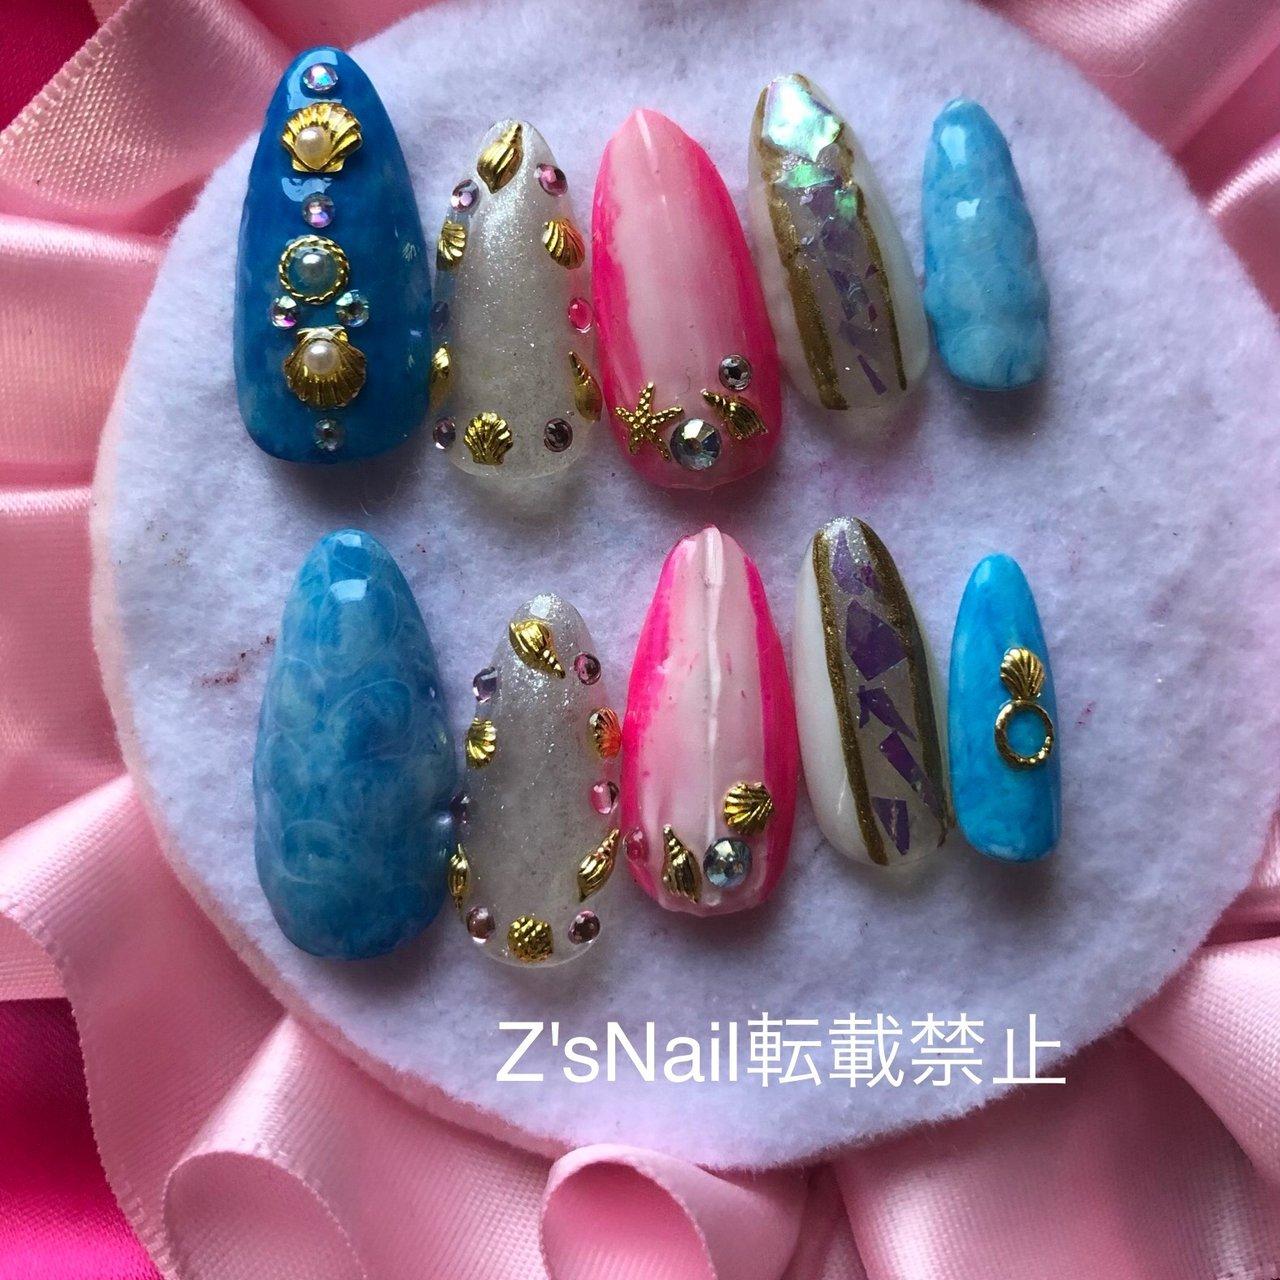 #夏ネイル #ジェルネイル #Z's nail #ネイルブック